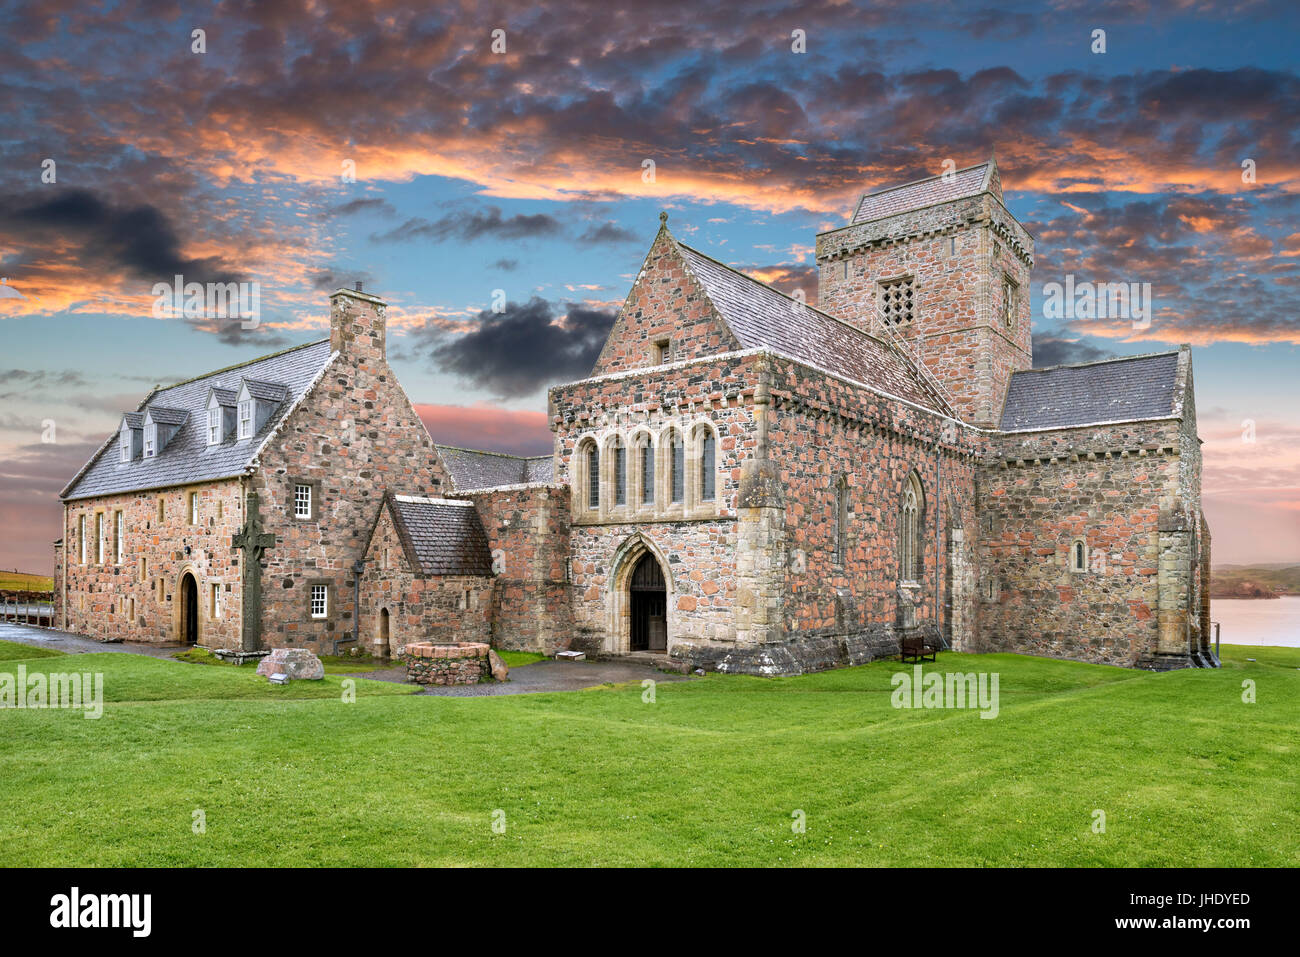 Iona Abbey, Isle of Iona, Argyll and Bute, Scotland, UK - Stock Image